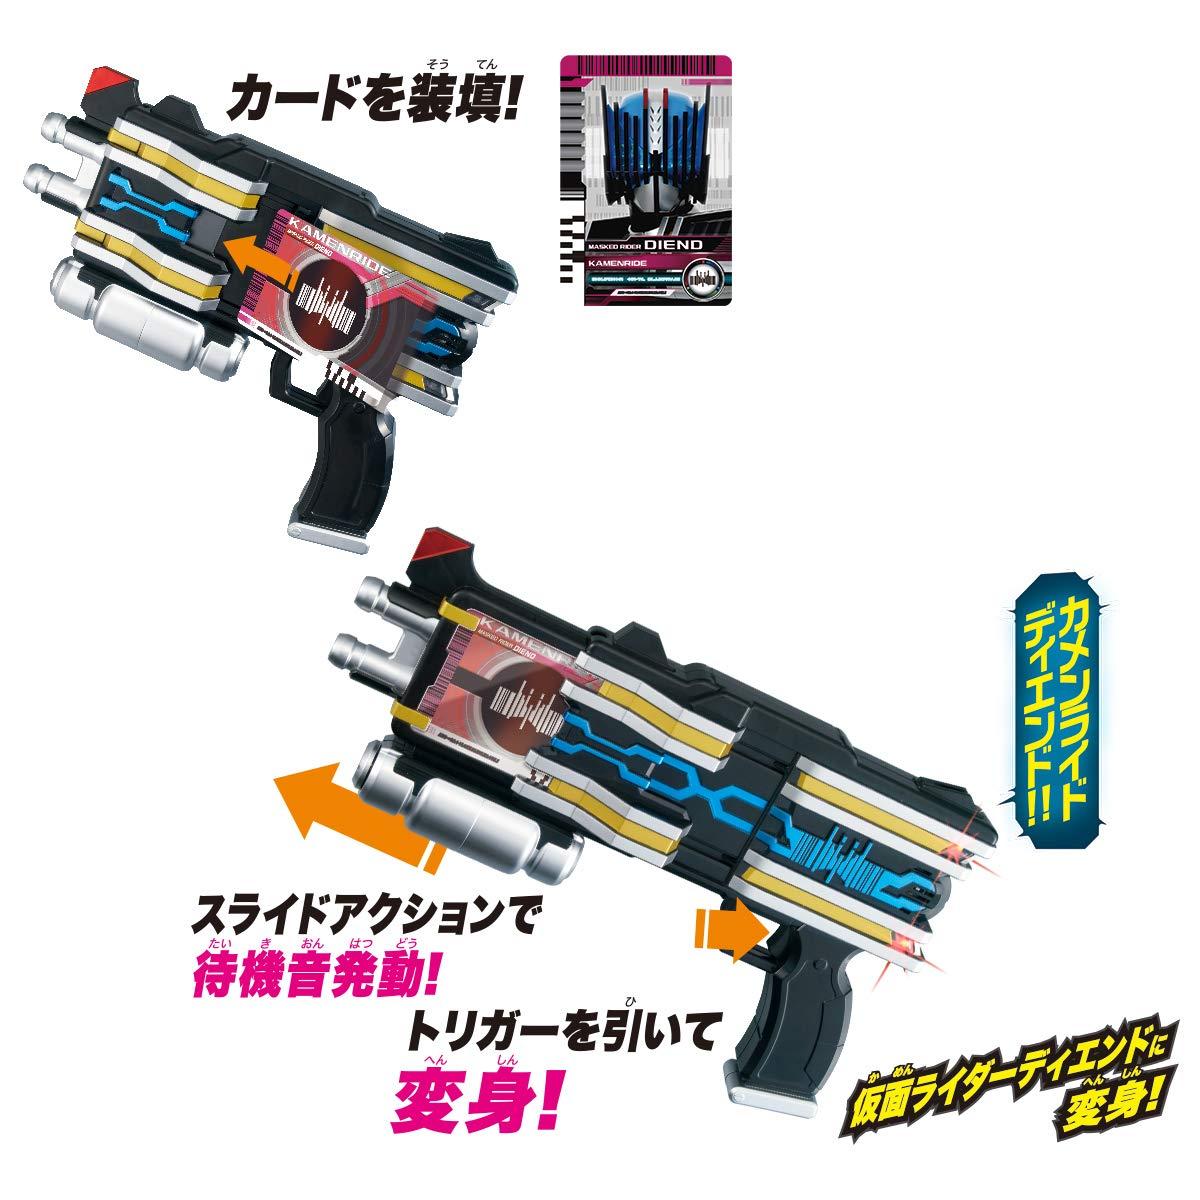 仮面ライダーディケイド『変身装填銃 ver.20th DXディエンドライバー』変身なりきり-007